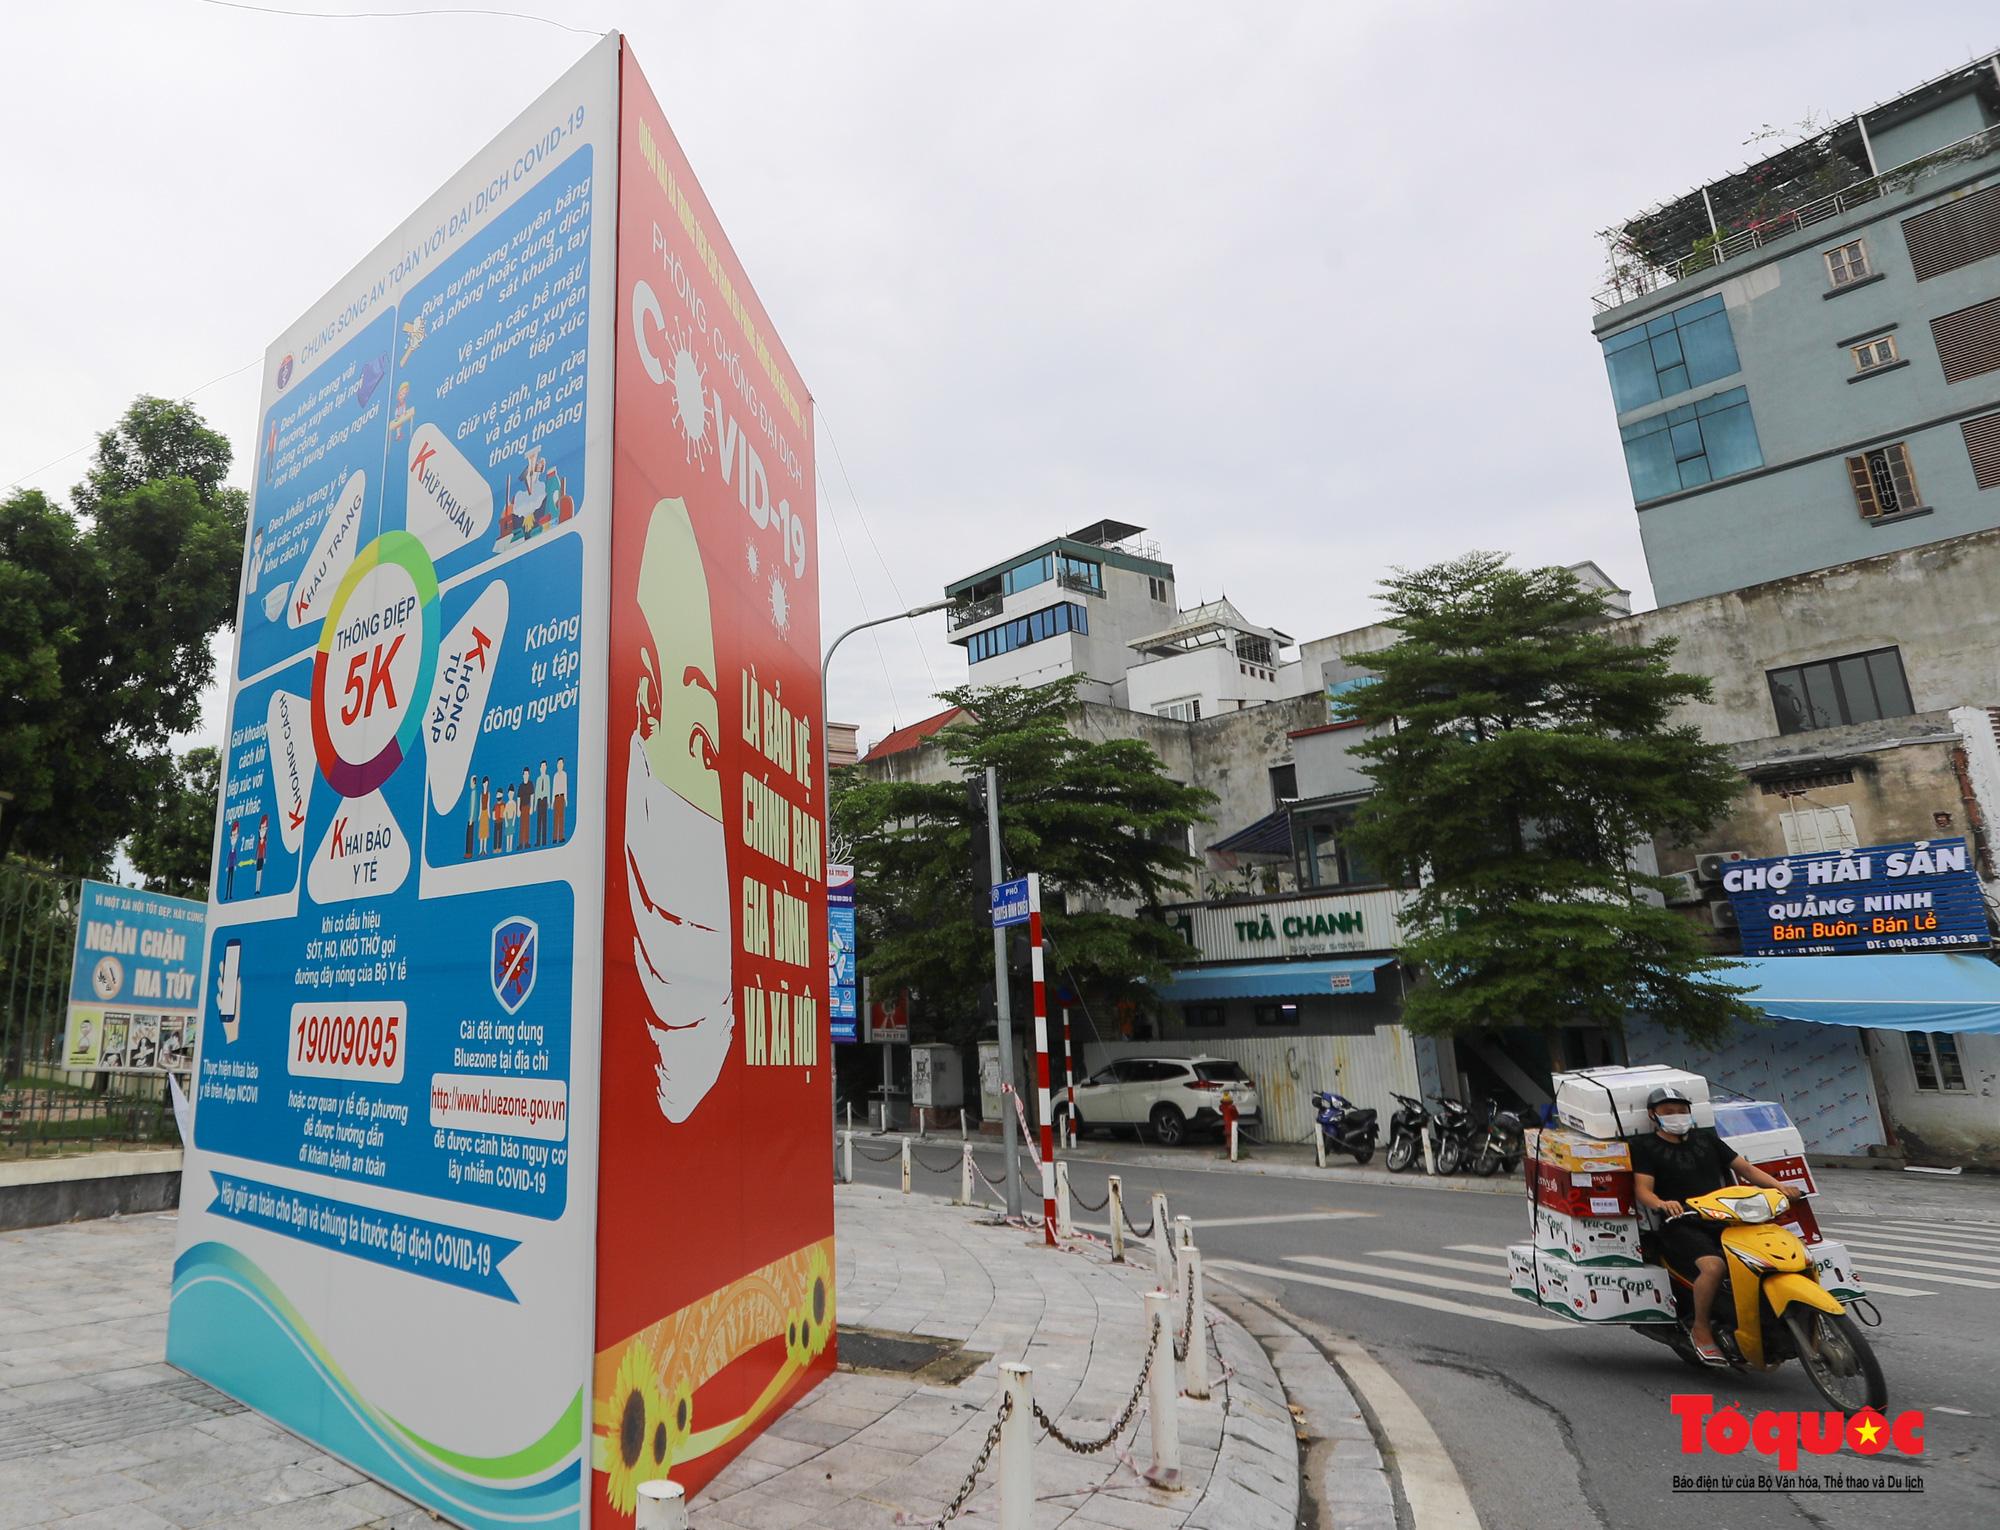 Pano, hình ảnh cổ động phòng chống dịch COVID-19 trên khắp đường phố Hà Nội - Ảnh 8.